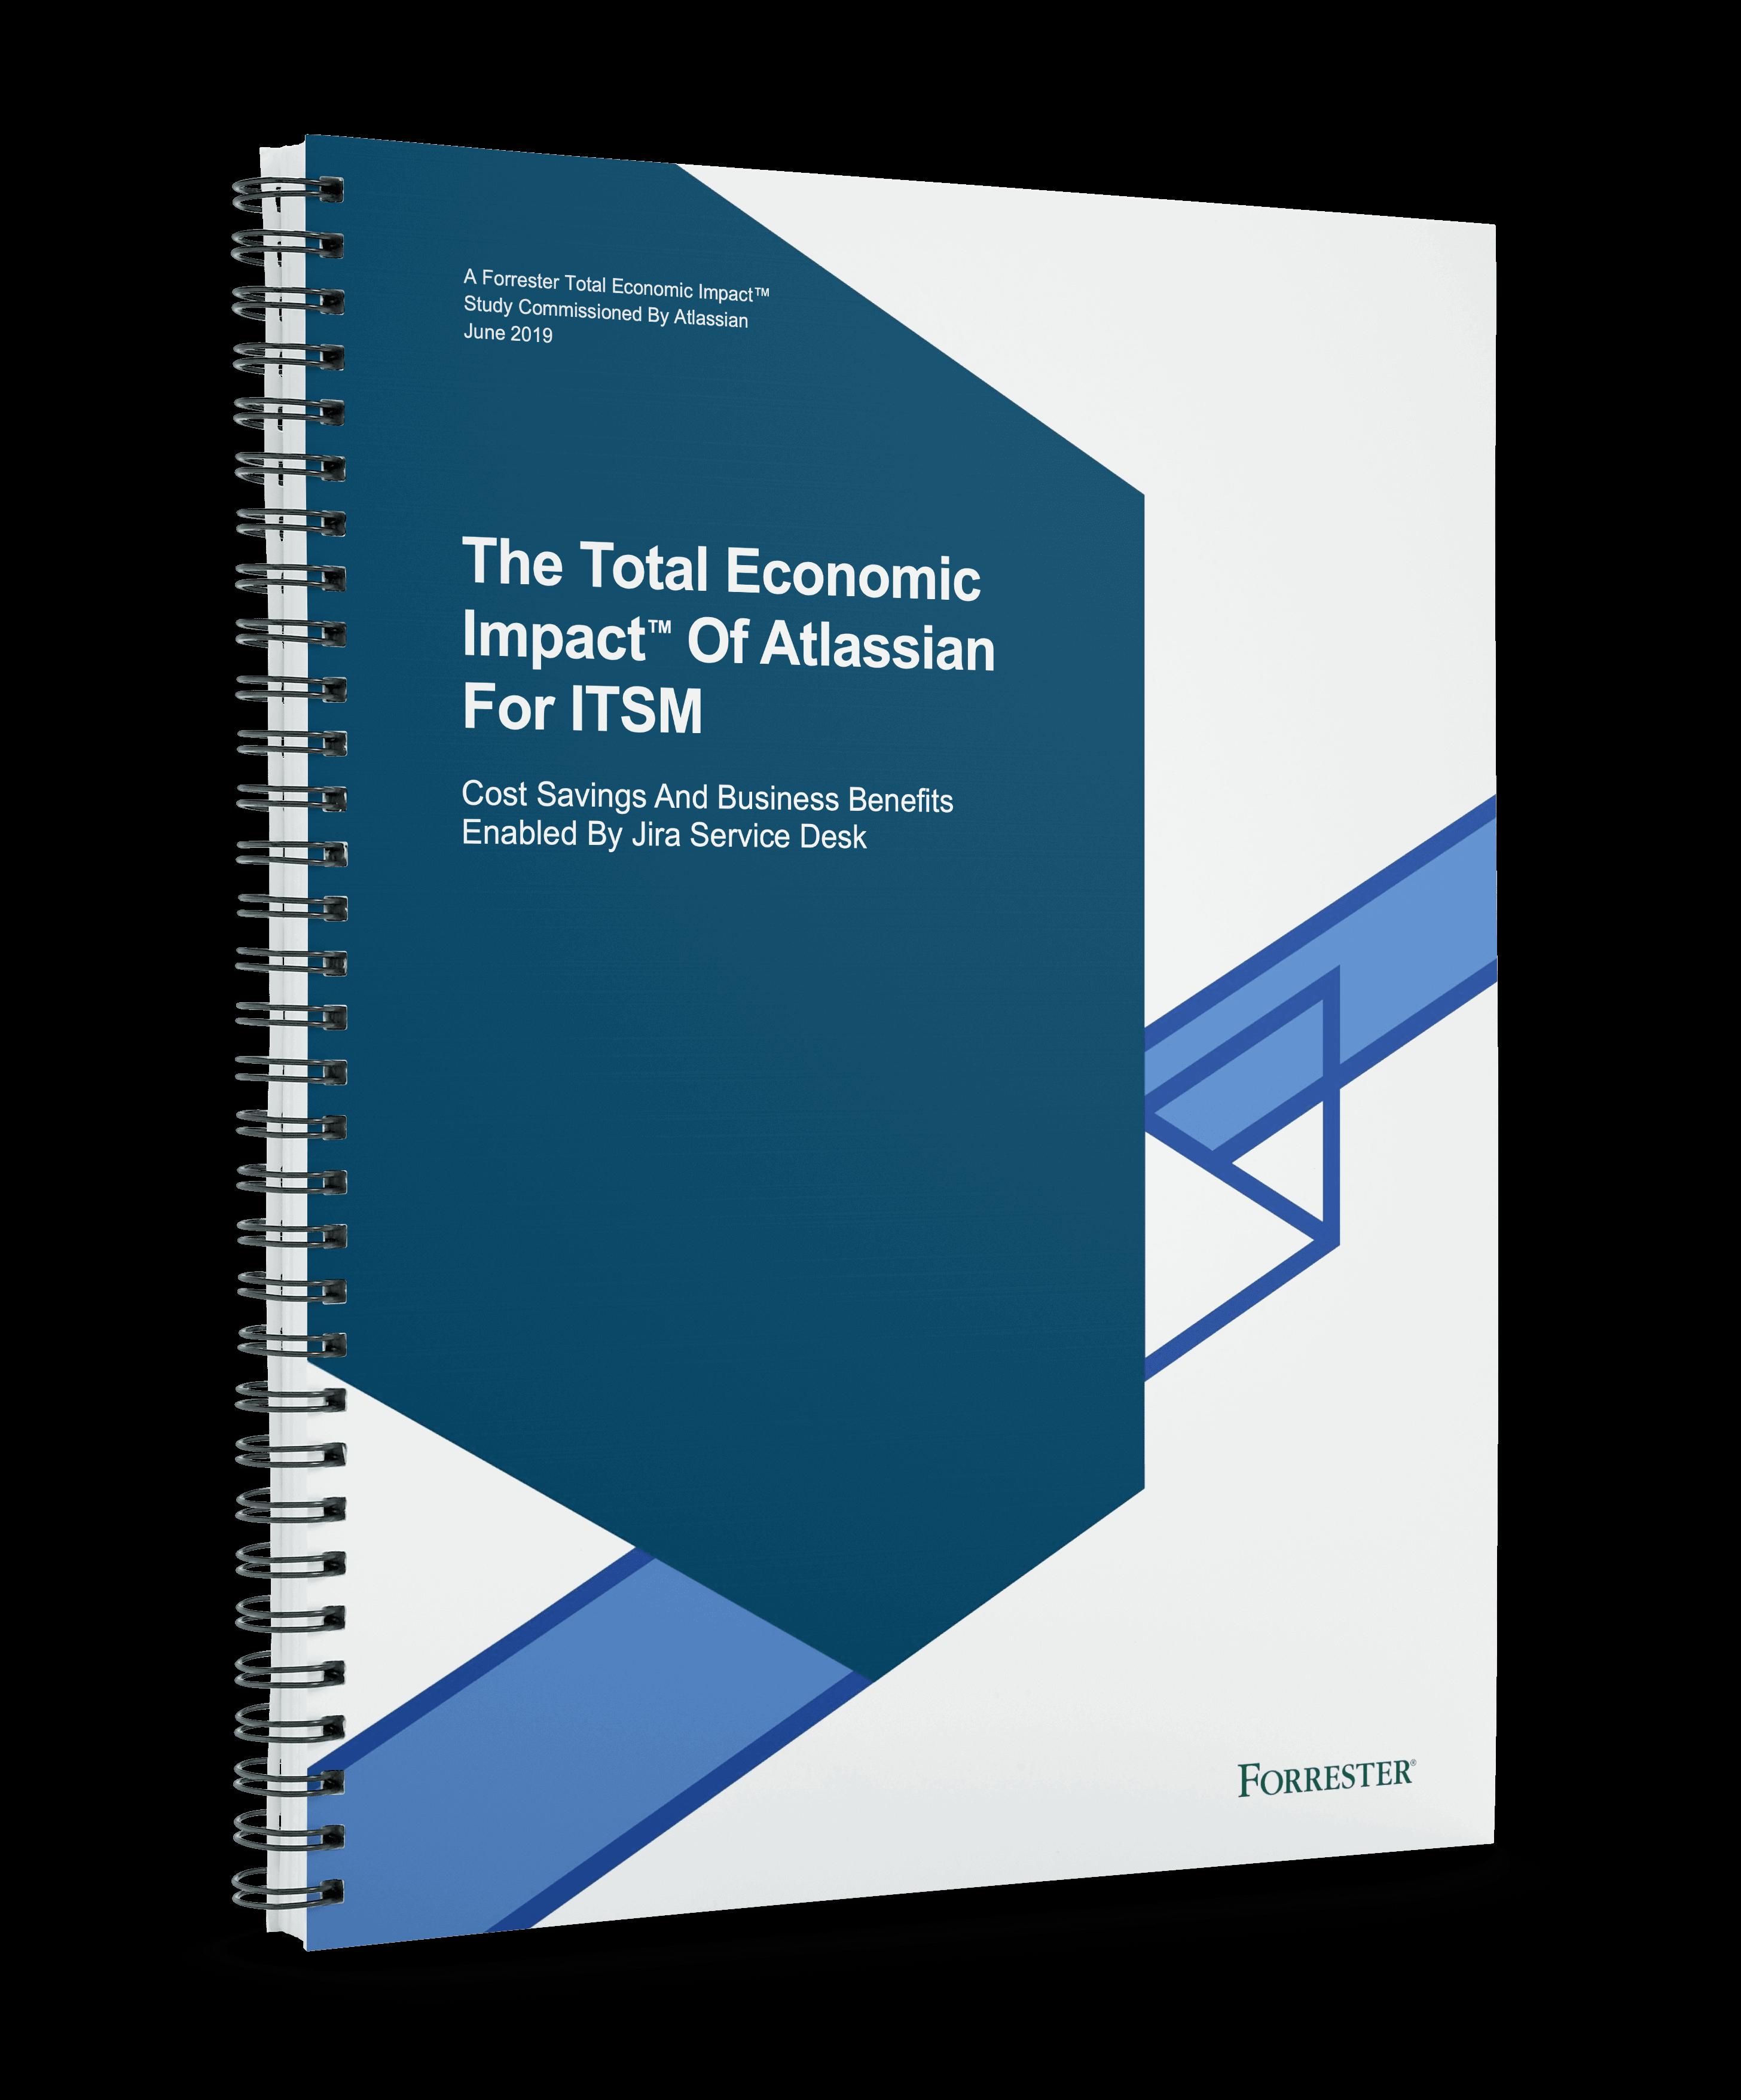 Okładka książki: Ocena efektywności rozwiązań ITSM firmy Atlassian metodą Total Economic Impact™